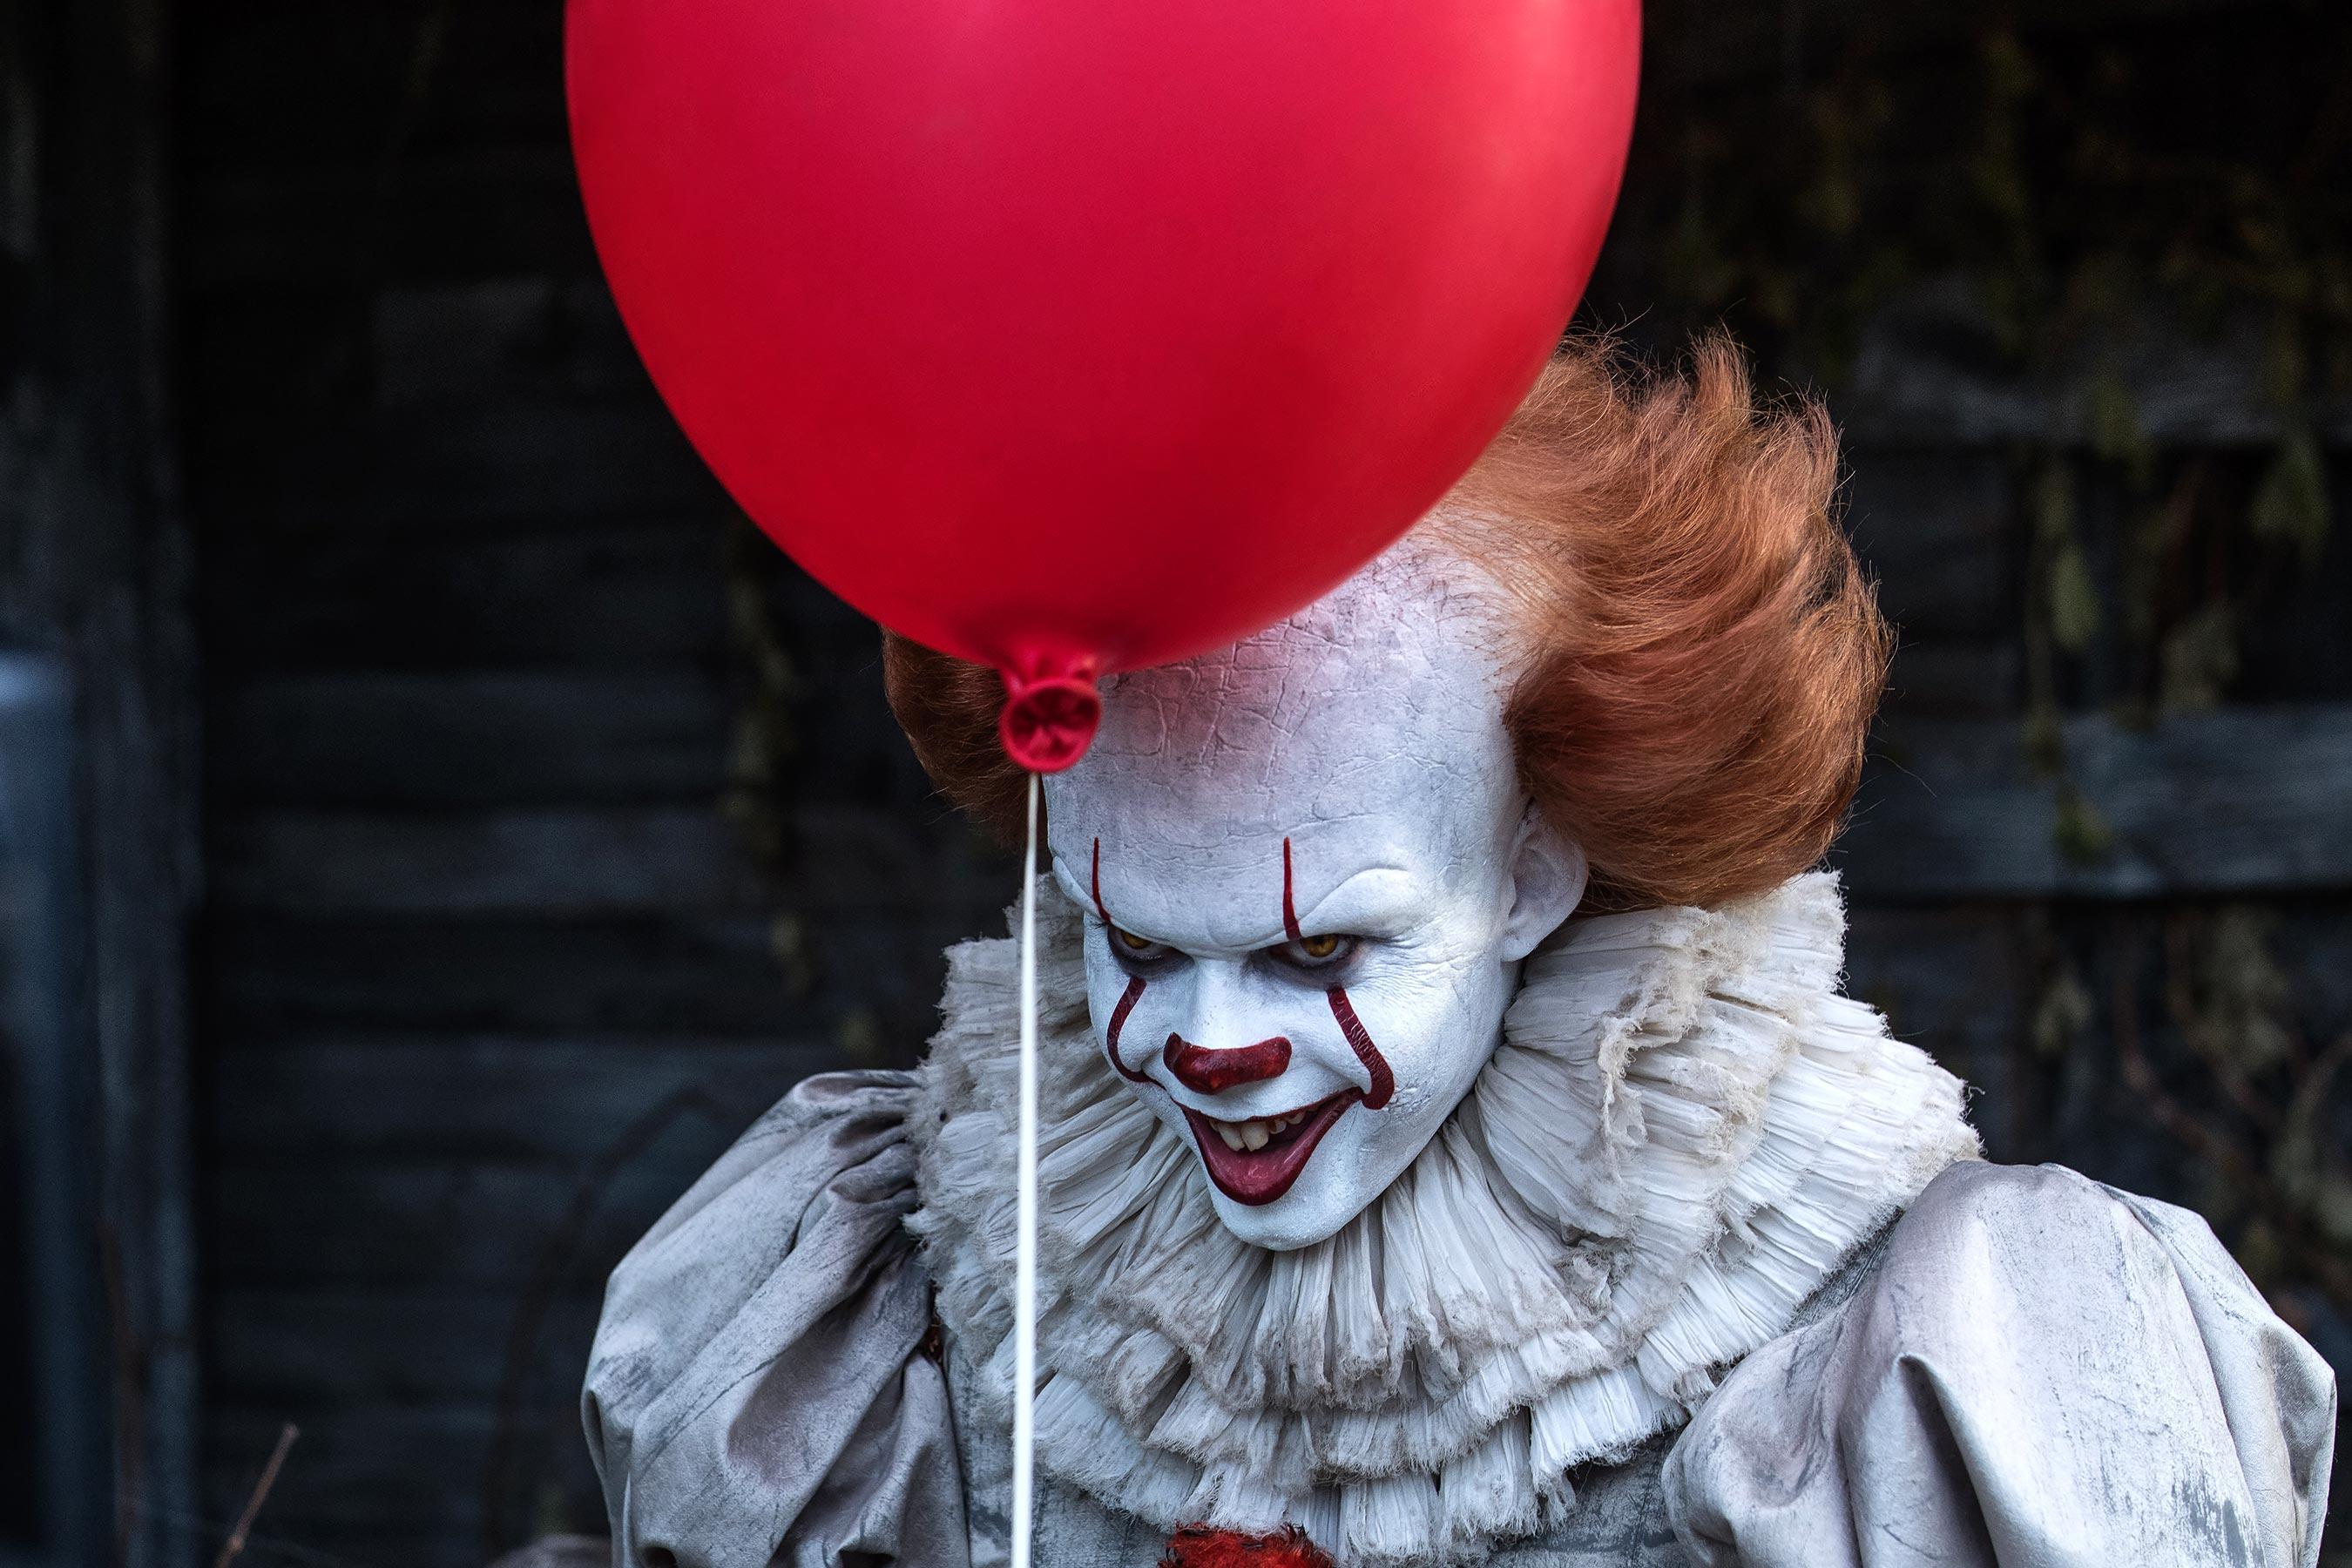 'It': Bill Skarsgård Describes the 'Really, Really Disturbing' Scene That Got Cut